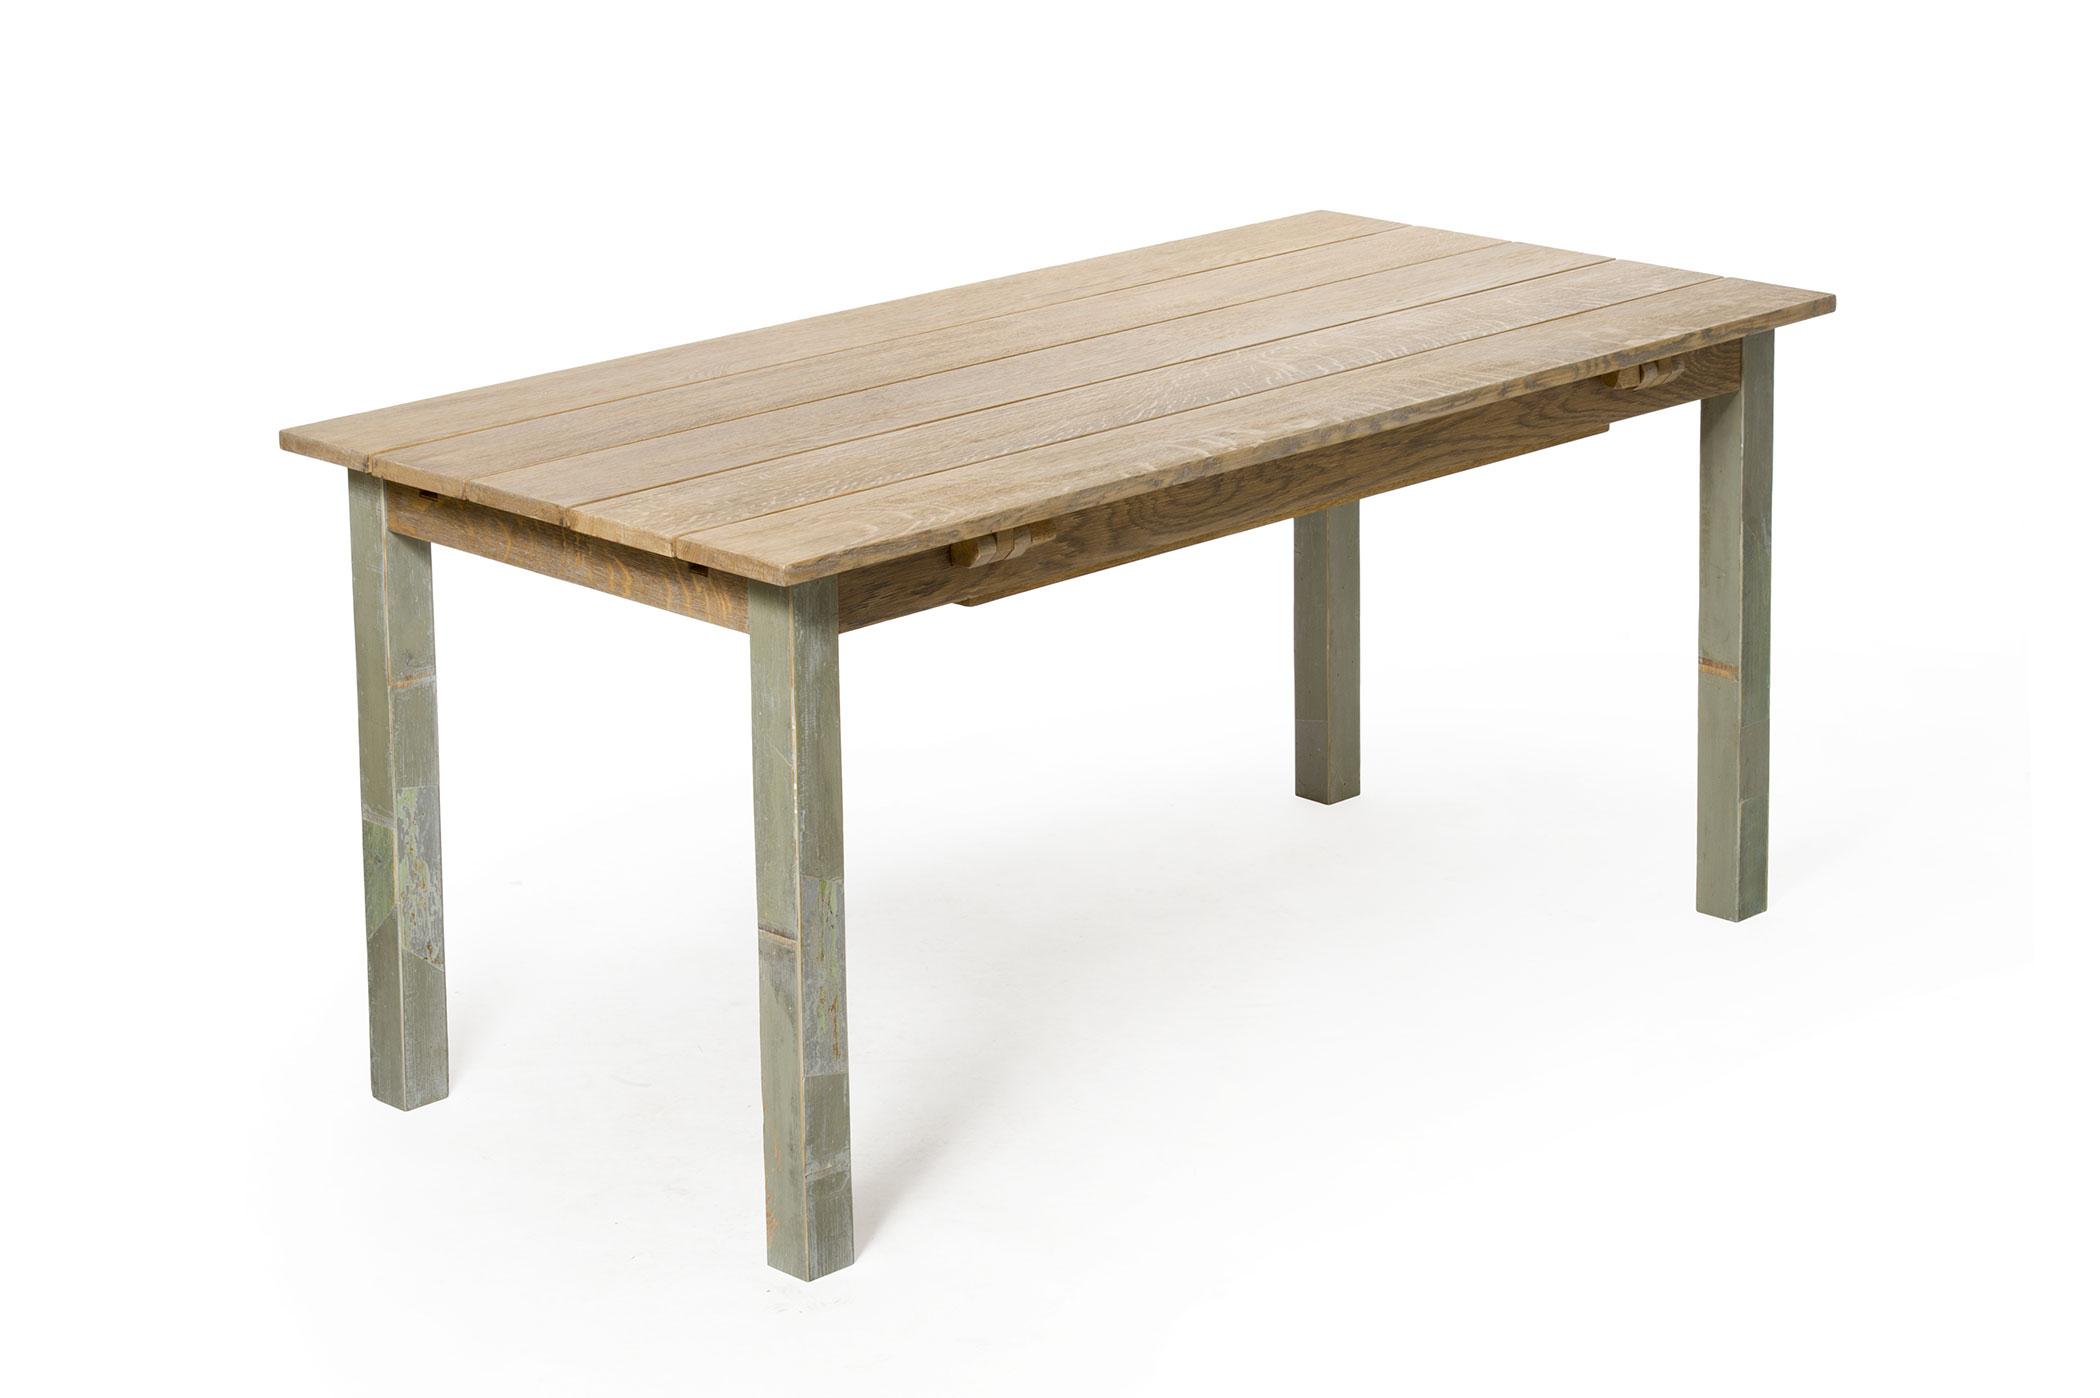 Tavolo in legno massello con prolunghe in legno di recupero color salvia. Tavolo artigianale su misura